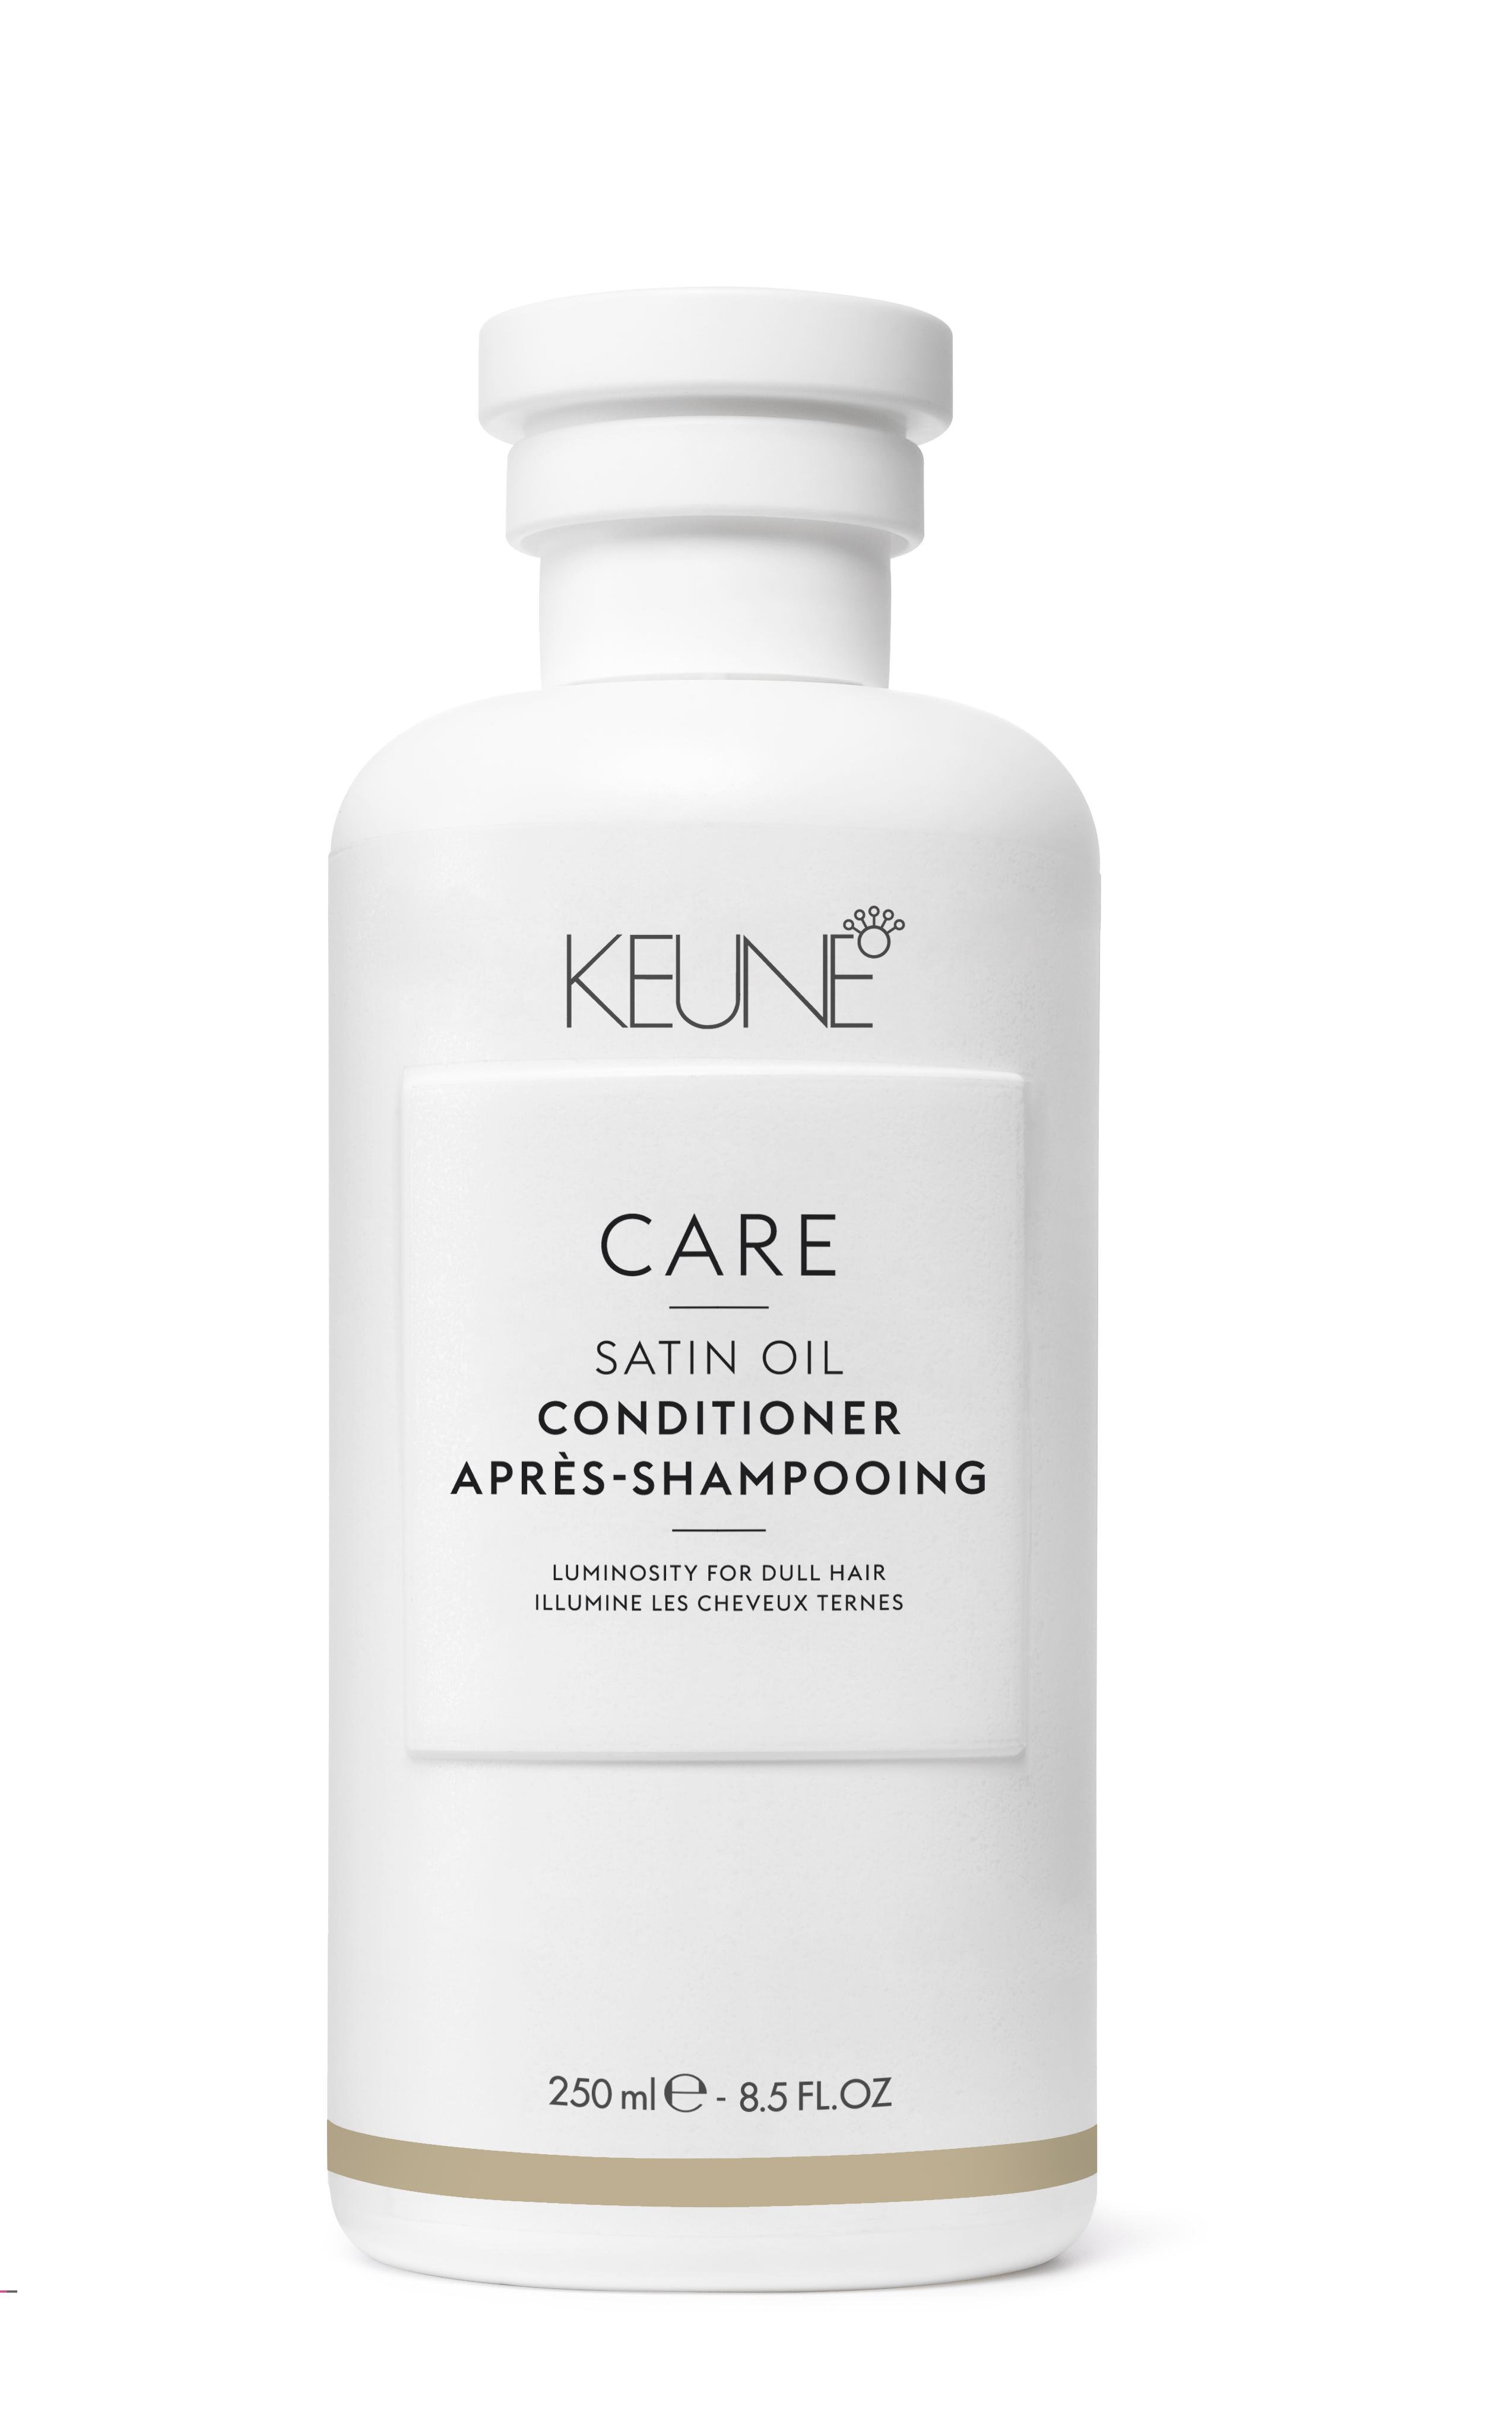 KEUNE Кондиционер Шелковый уход / CARE Satin Oil Conditioner 250мл keune кондиционер восстановление keune repair conditioner